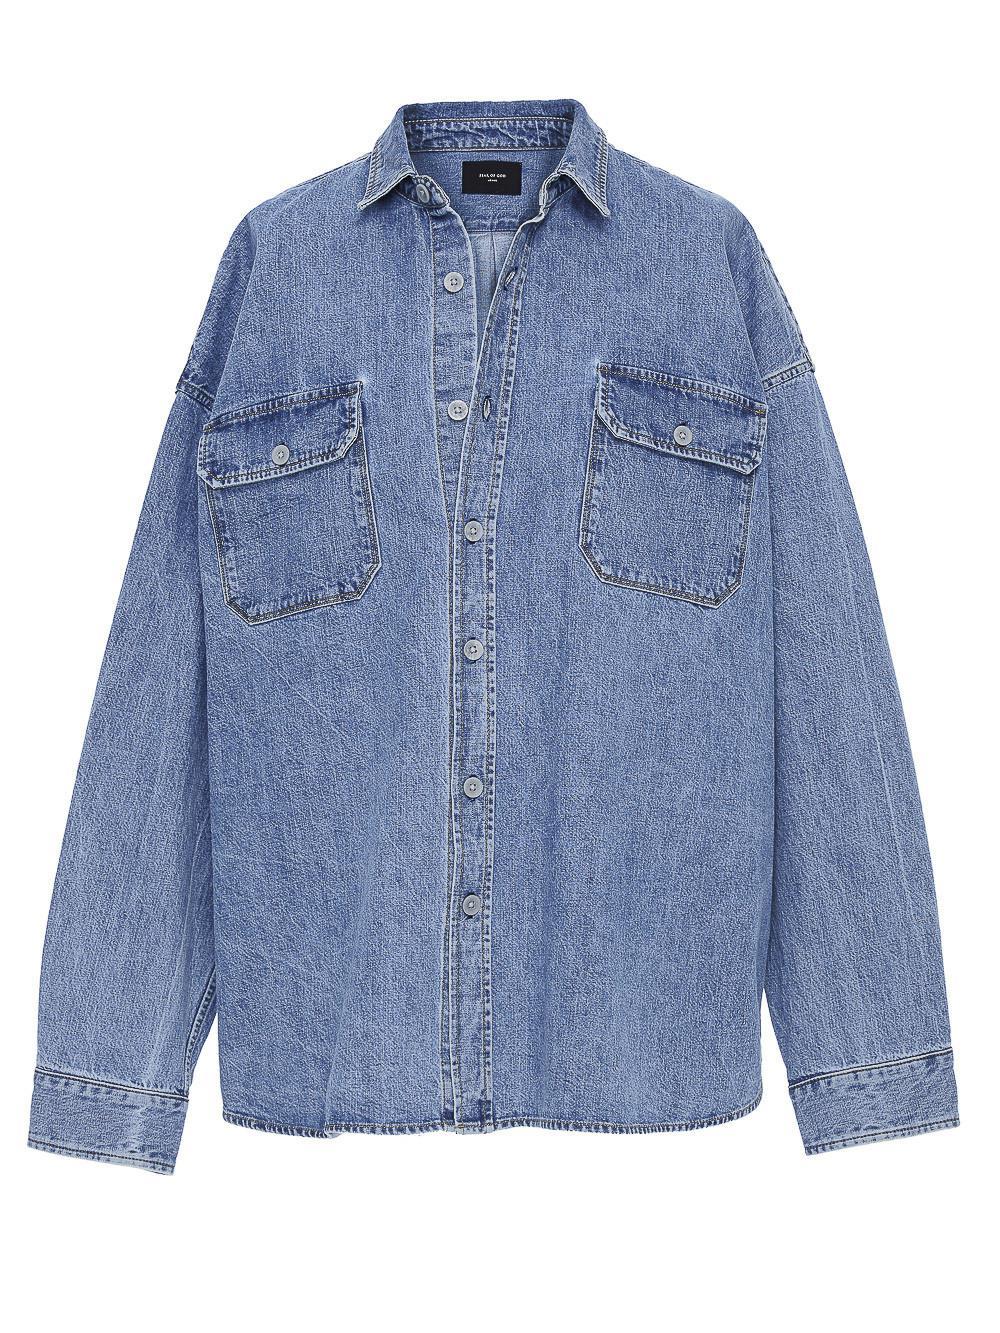 b2b33bfddd Lyst - Fear Of God Denim Oversized Shirt in Blue for Men